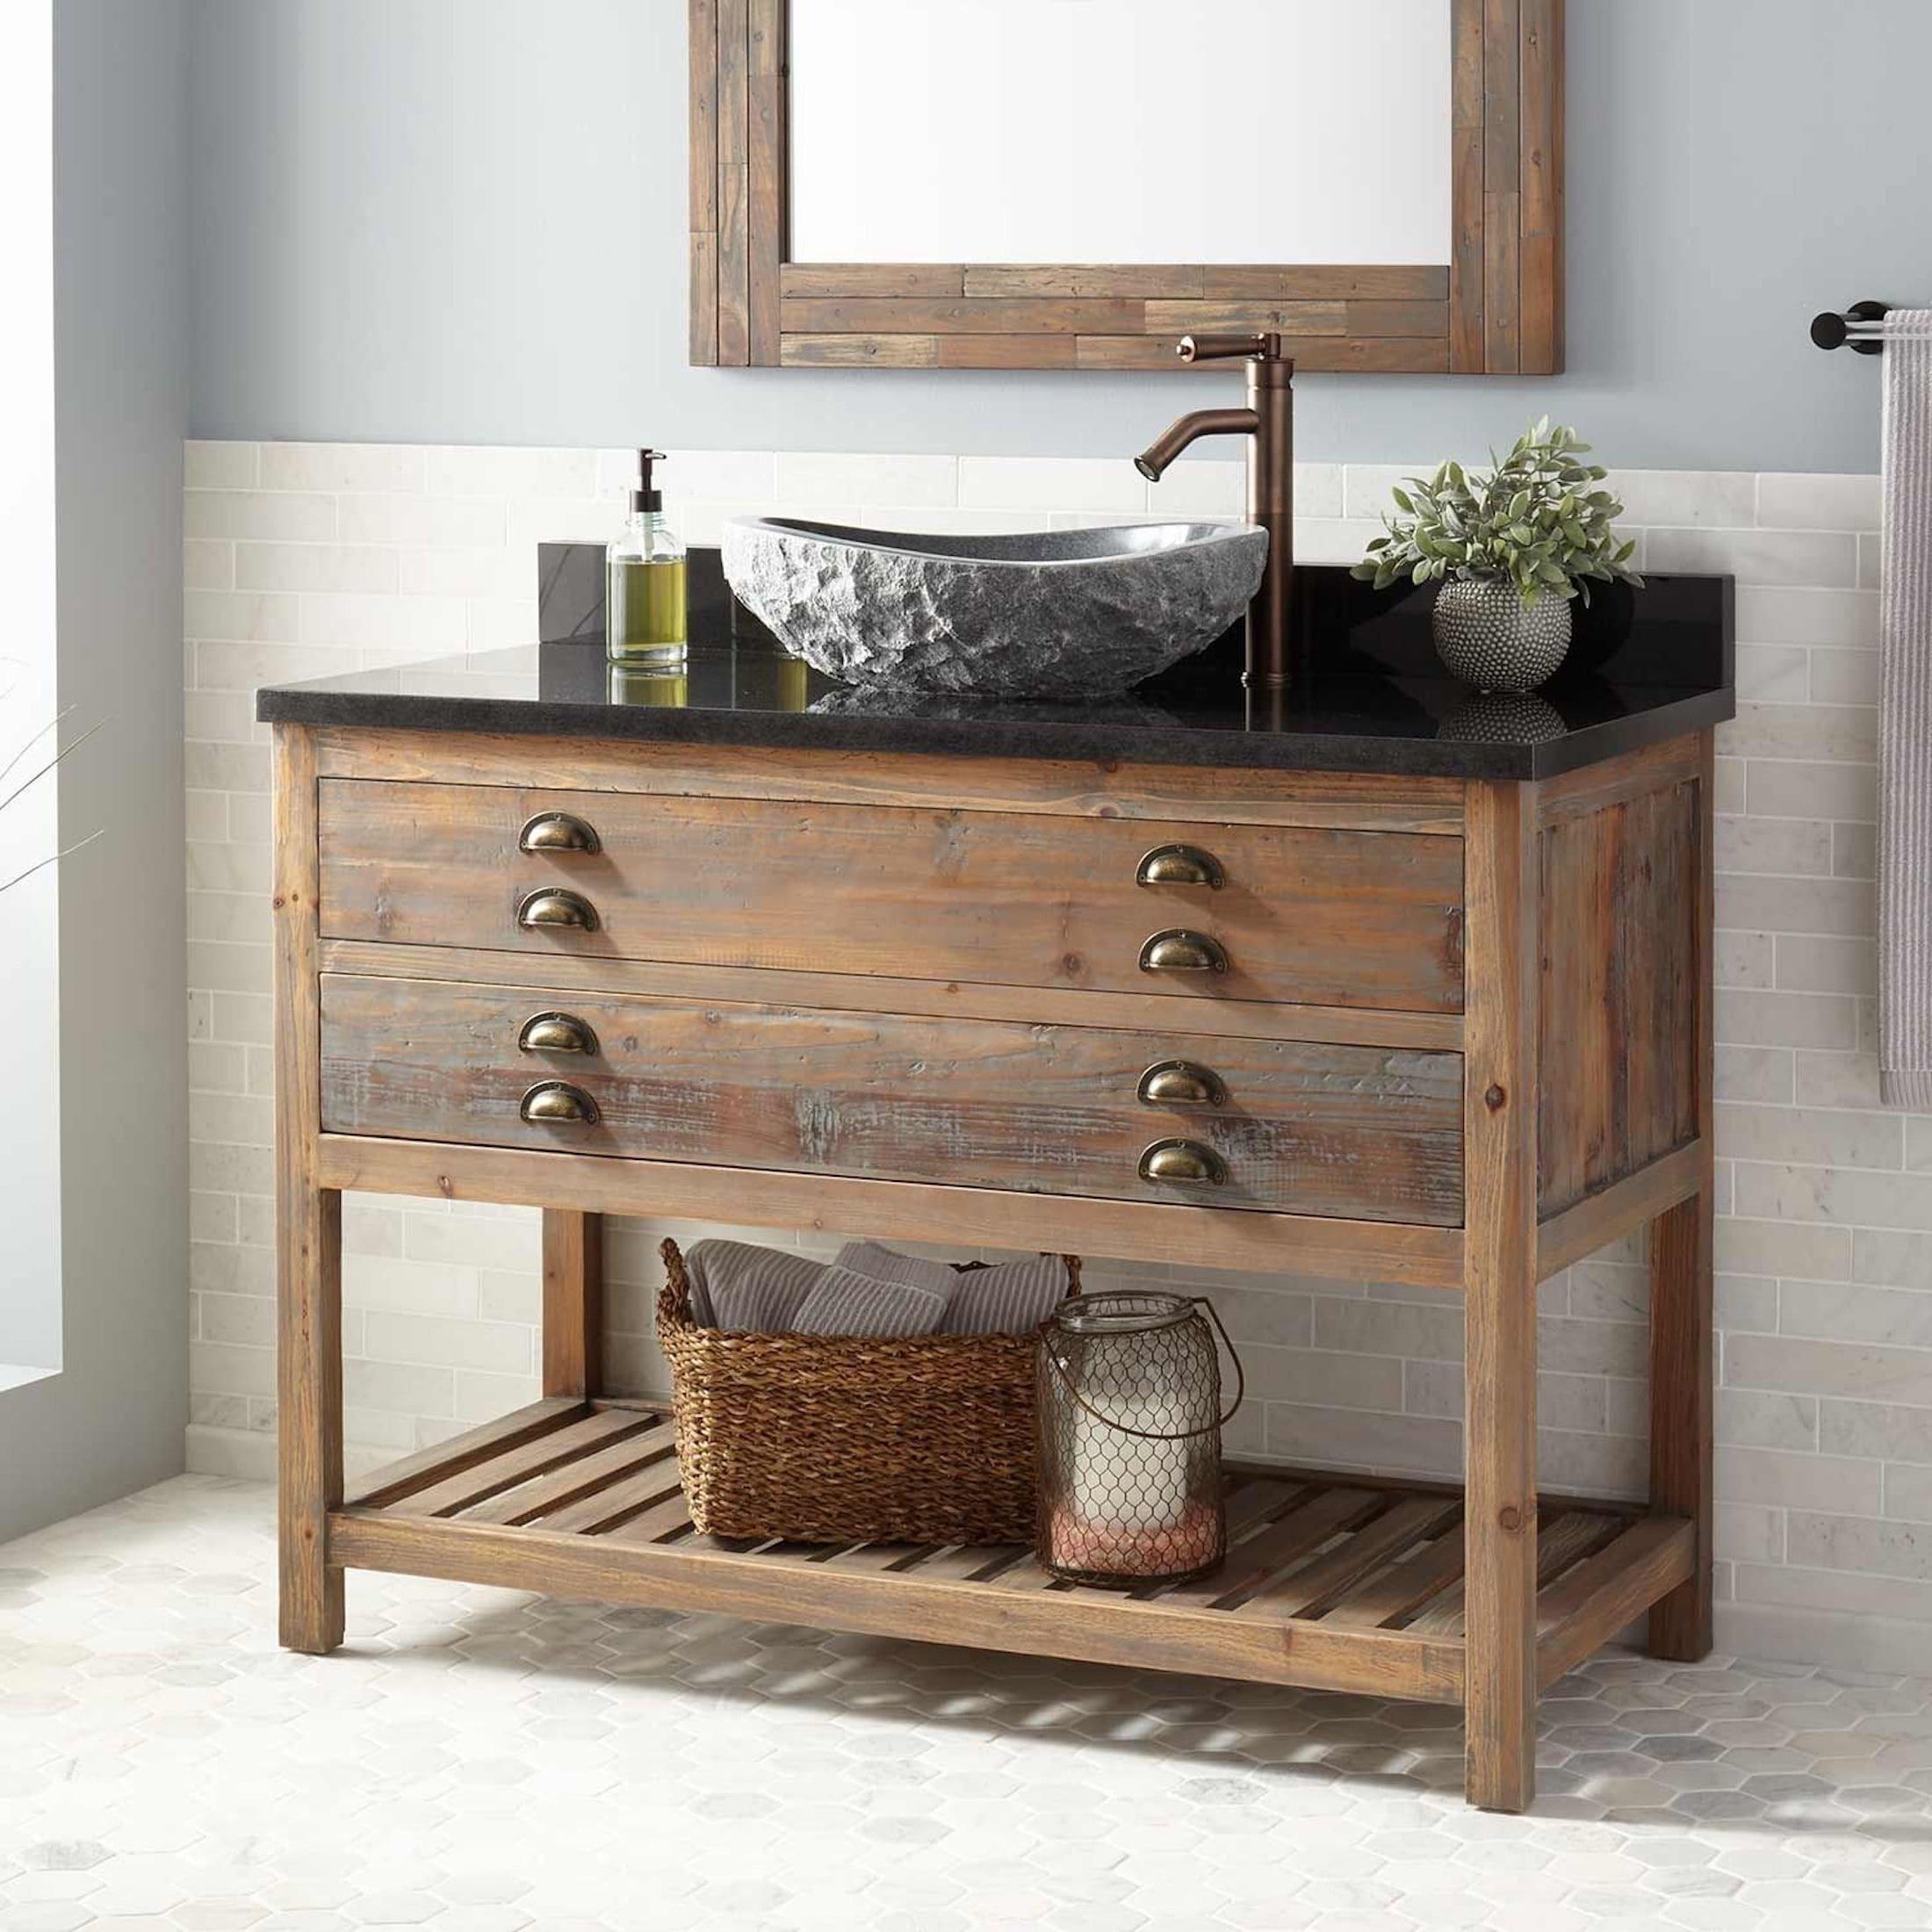 Vybrat nábytek do koupelny je dnes velmi lehké. Moderní trh nabízí velký výběr různých modelů. Ale i zde je pár úskalí, které byste měli znát. Poradíme, jak se vyhnout tomu, abyste se stali rukojmími svého vlastního špatného rozhodnutí ohledně kvality zakoupeného nábytku do koupelny.